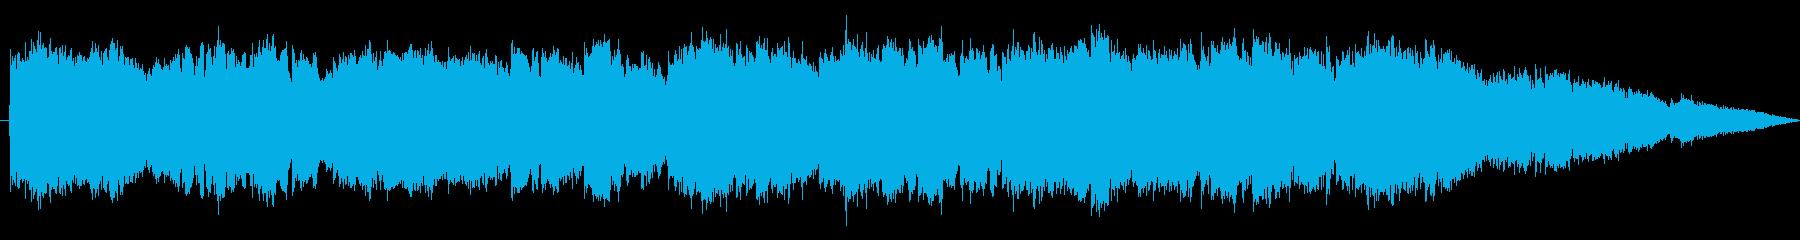 ジングル - 宇宙空間の再生済みの波形